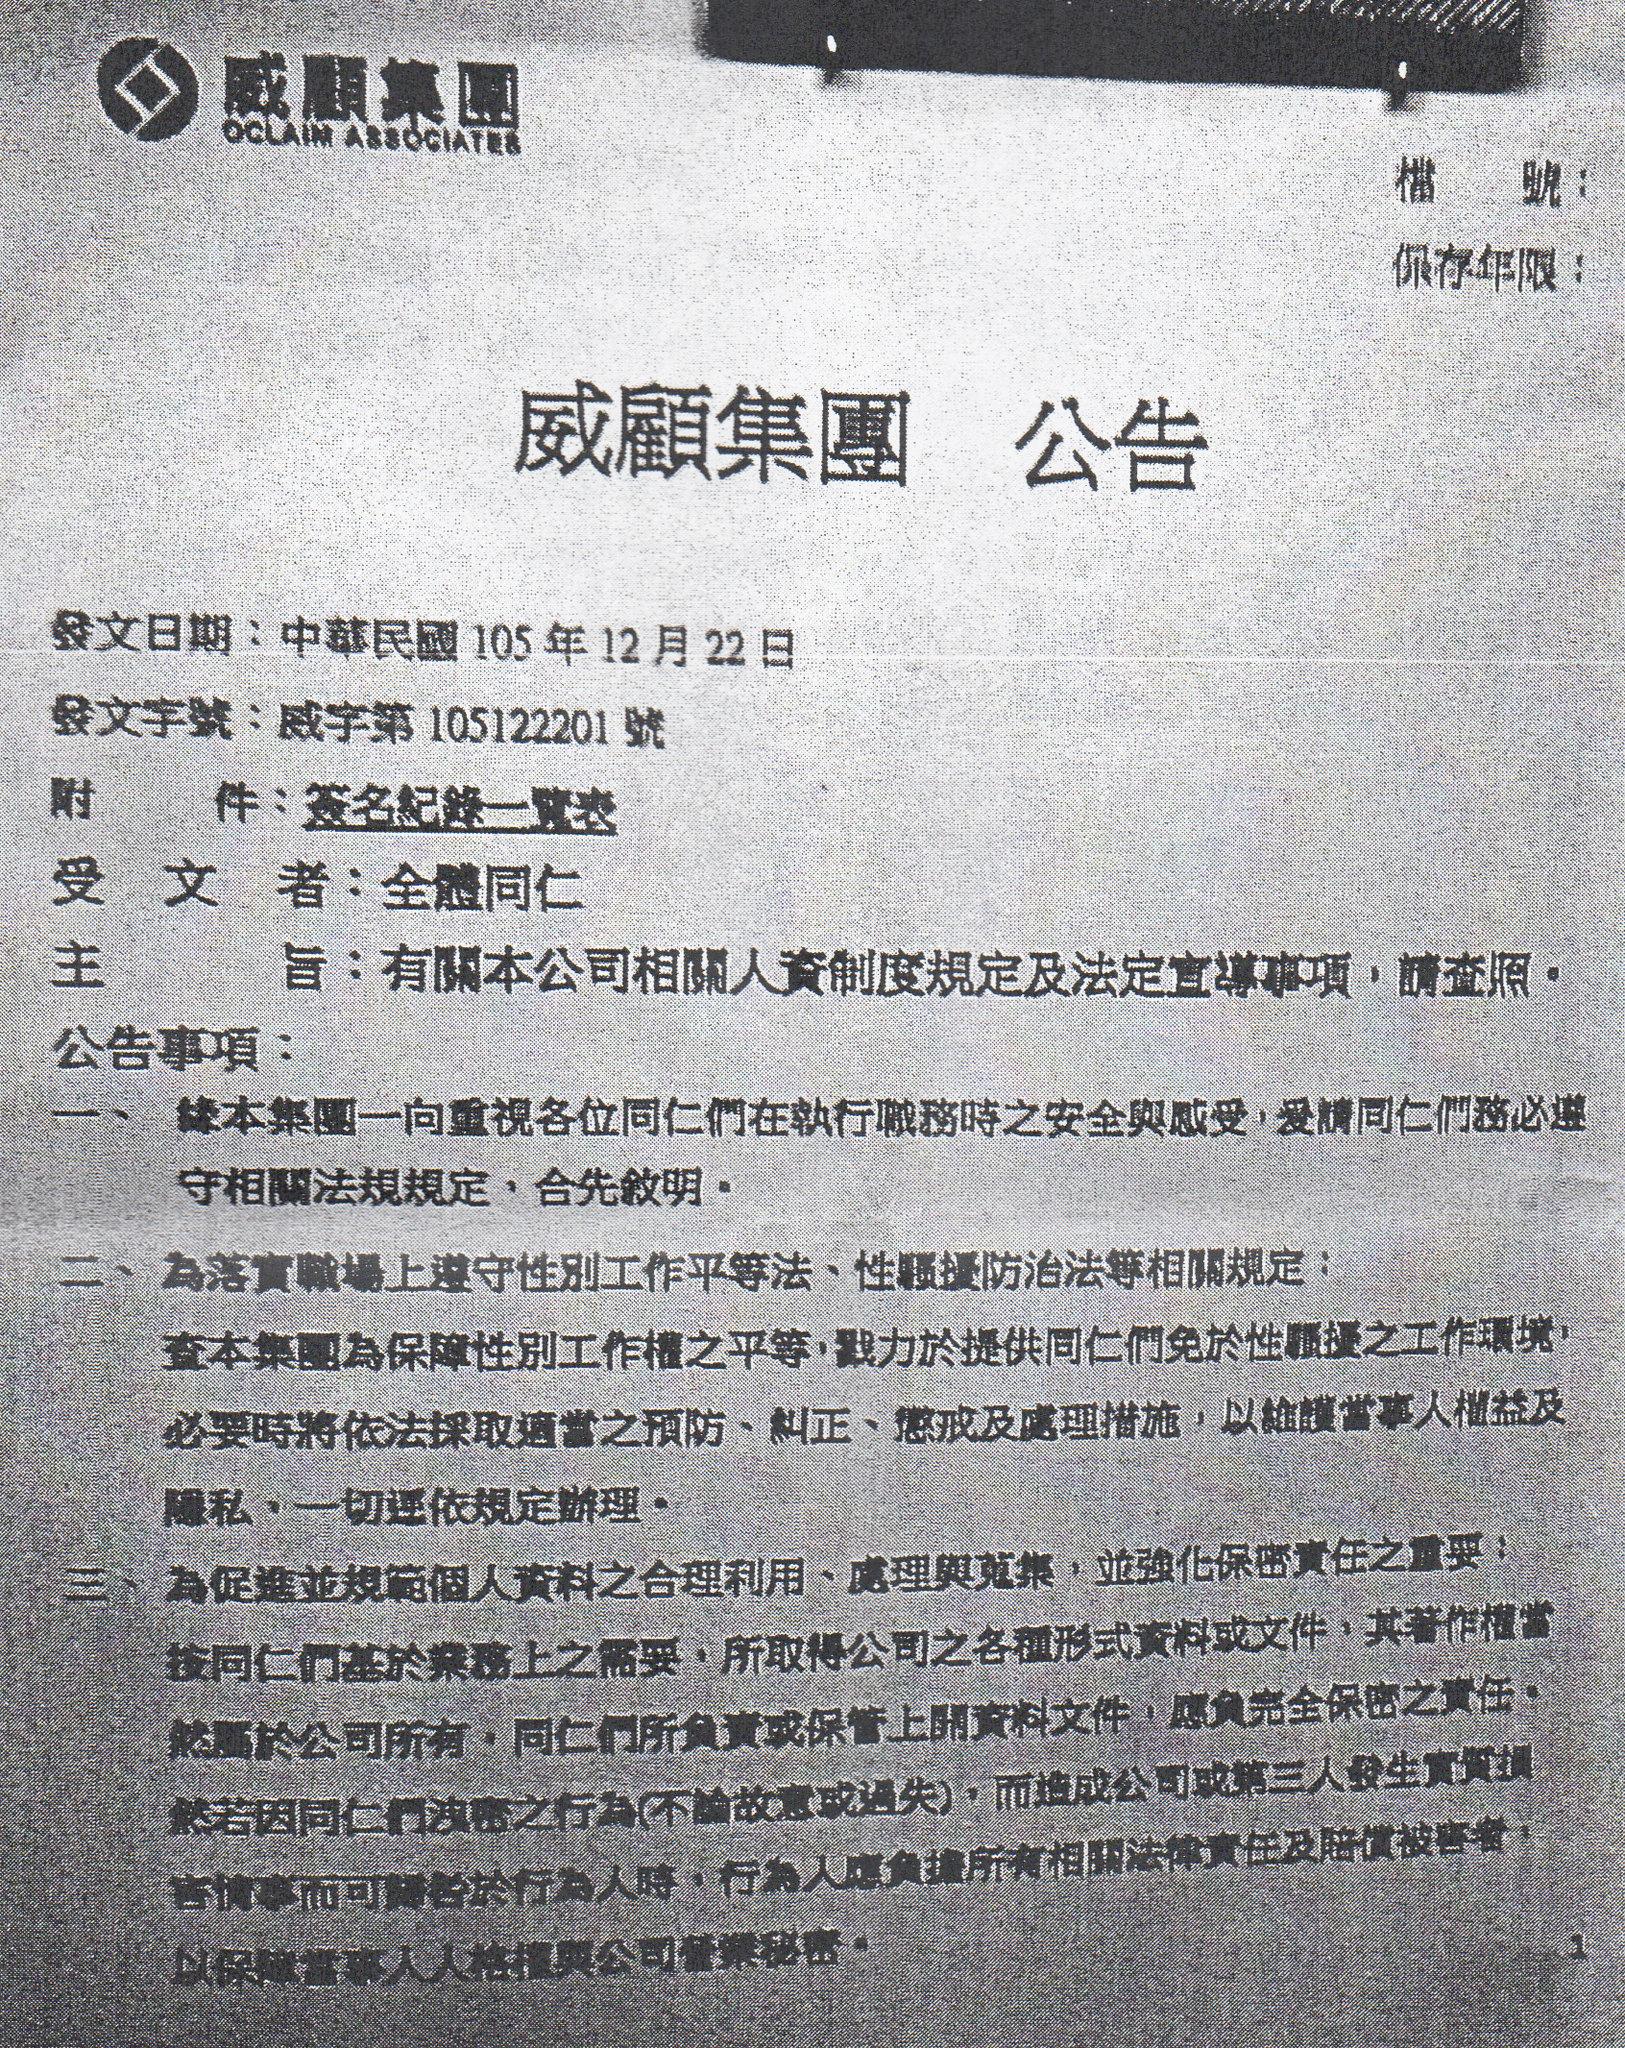 威顧集團的人資規定公告。(資料提供:台灣工人先鋒協會)